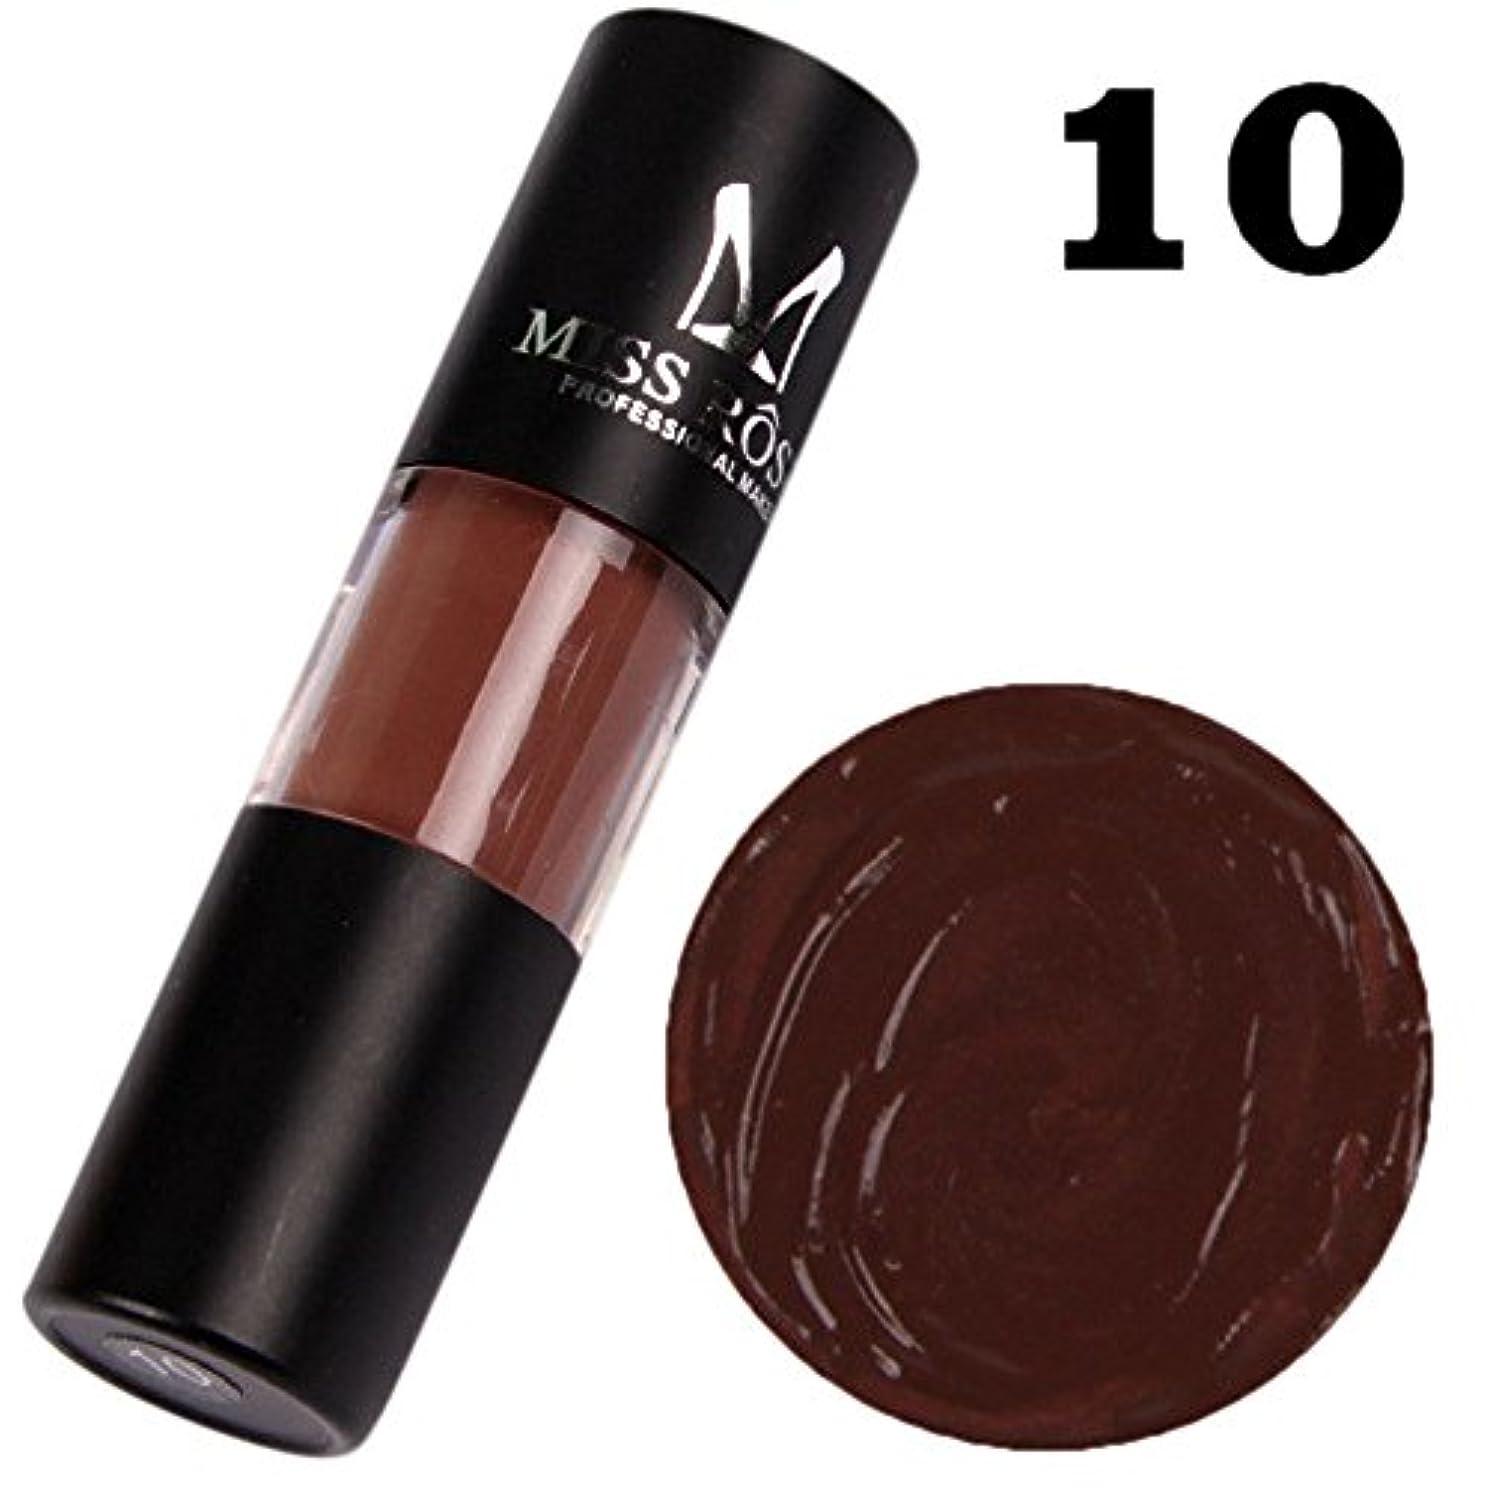 エレベーター騙す案件口紅 モイスチャライザー リキッド ベルベット リップスティック 化粧品 美容 リップクリーム 若い メイク リップバーム 液体 唇に塗っっていつもよりセクシー魅力を与えるルージュhuajuan